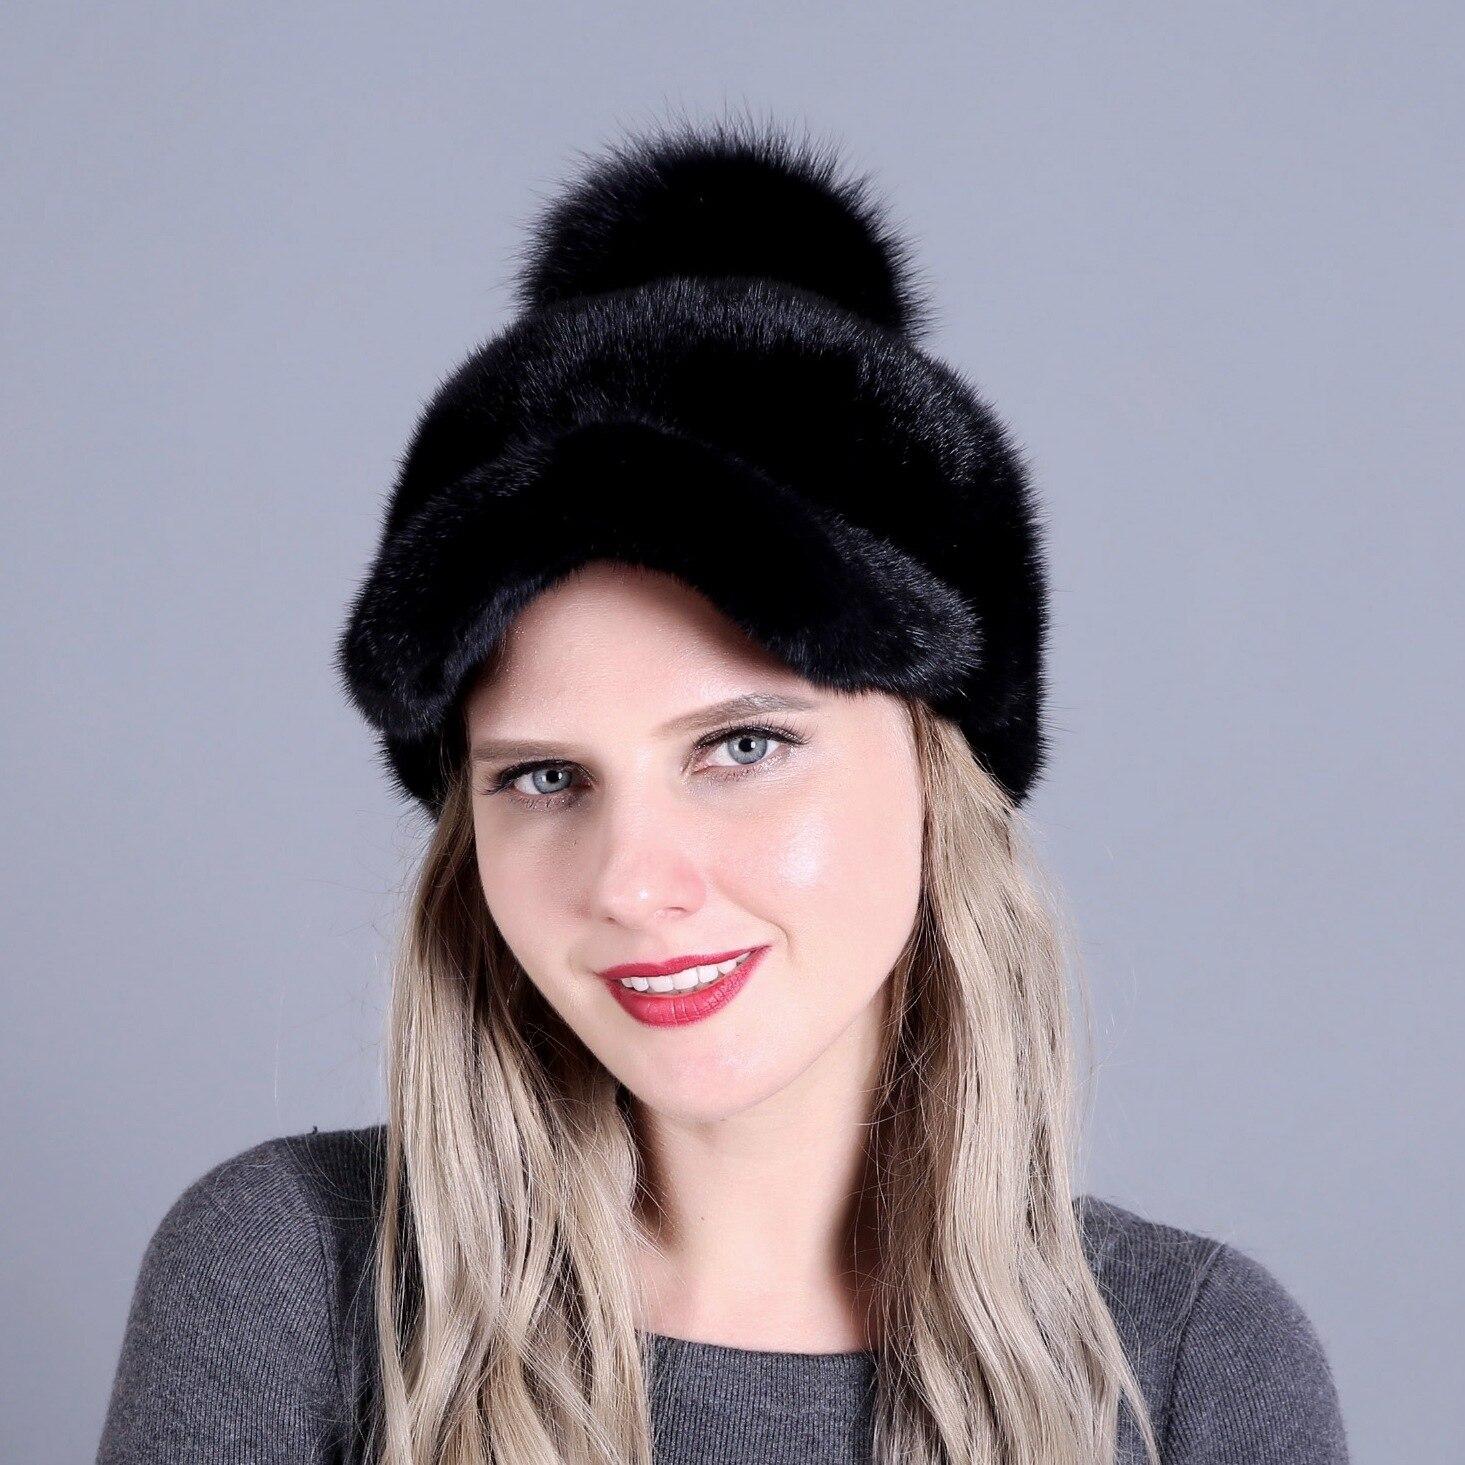 Женские зимние шапки 2019, зимние шапки для девочек, модные меховые шапки с помпонами, зимние шапки для девочек, роскошные модные шапки